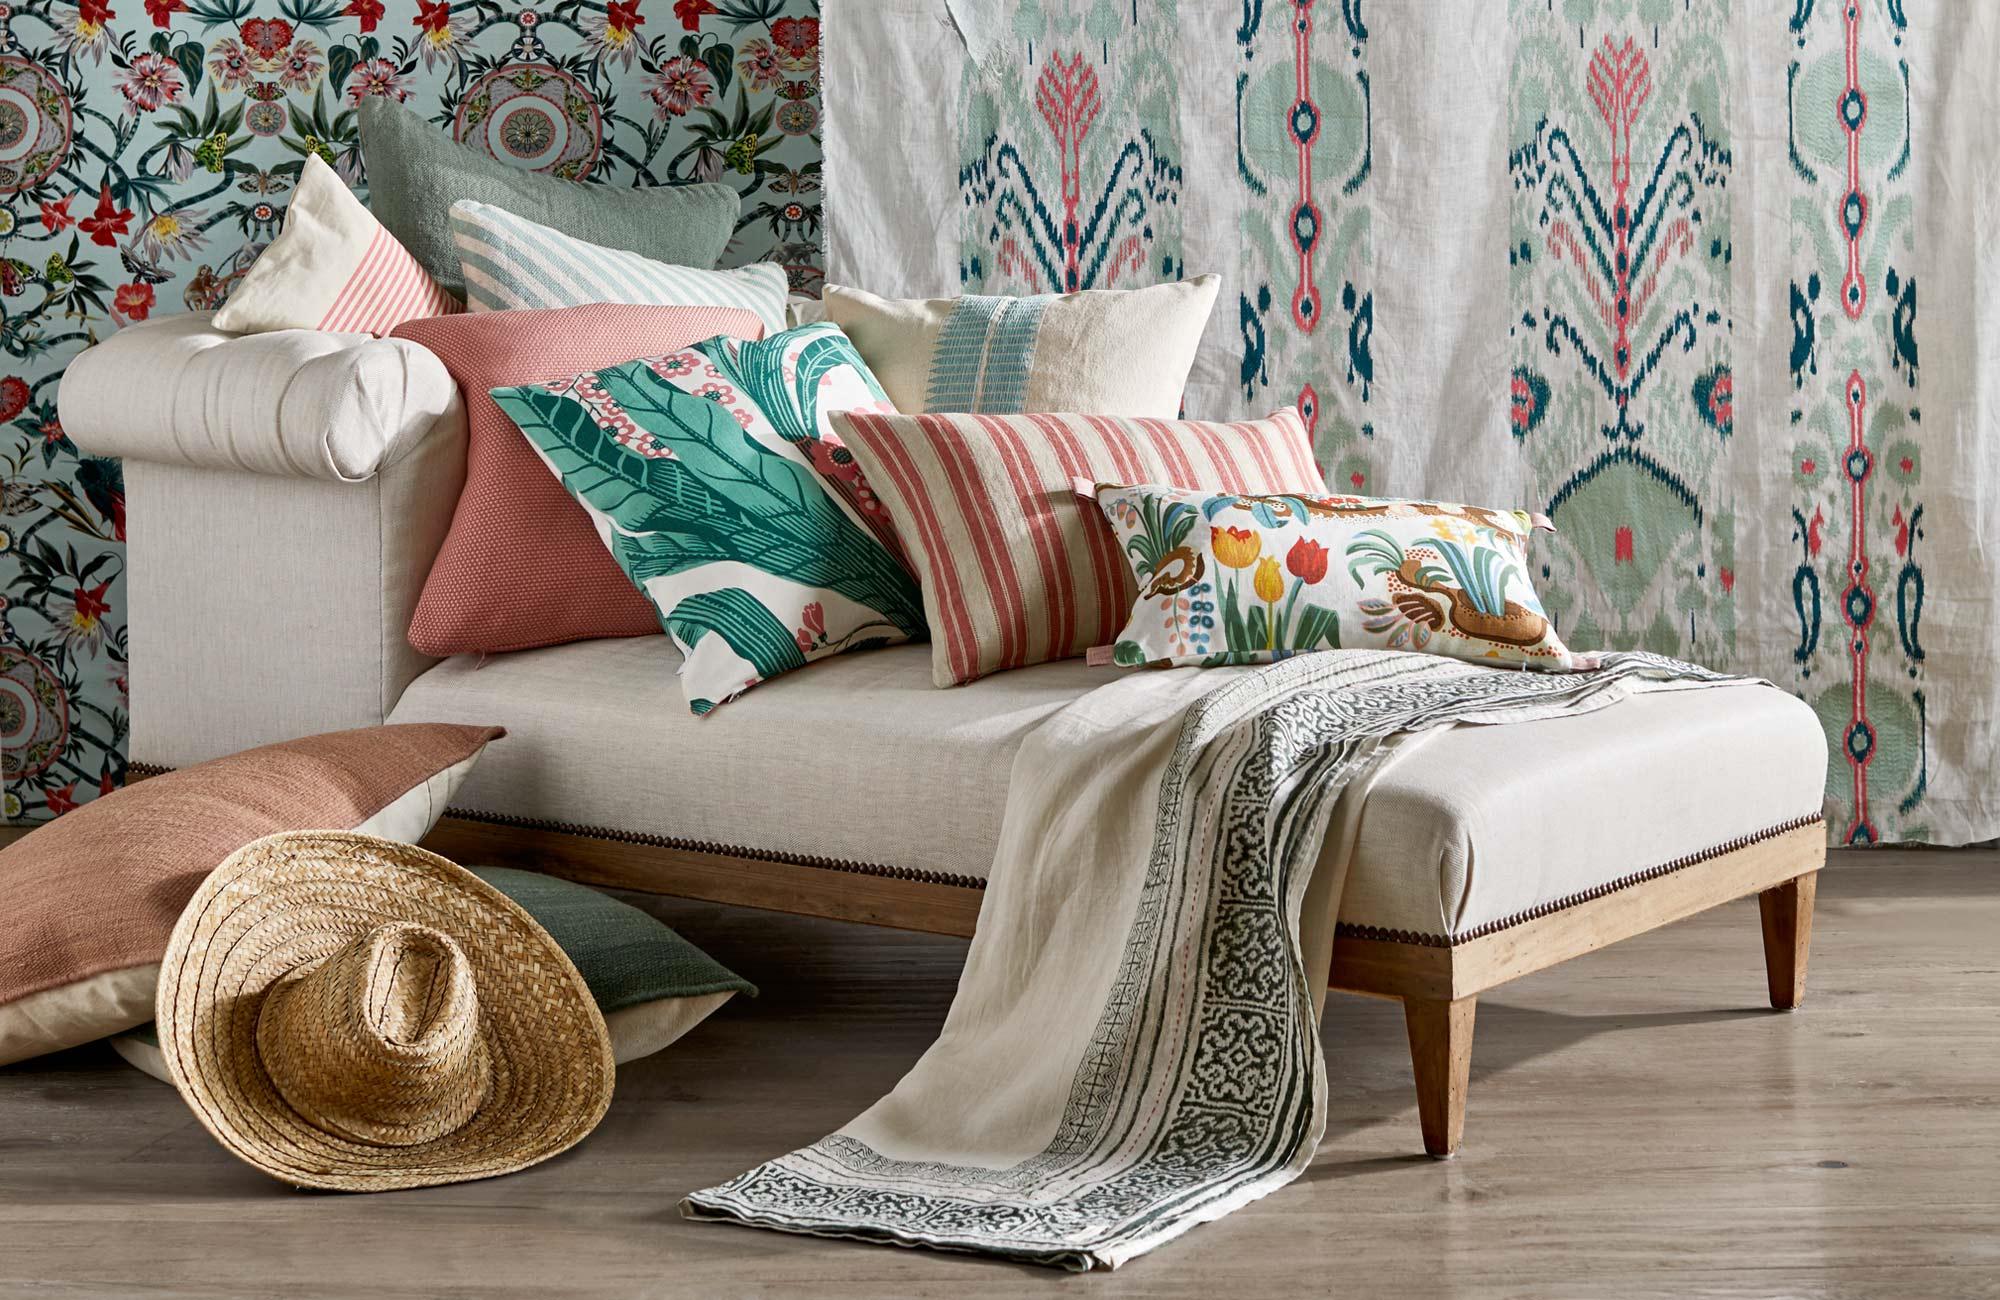 Accueillez le printemps avec des textiles frais aux motifs floraux